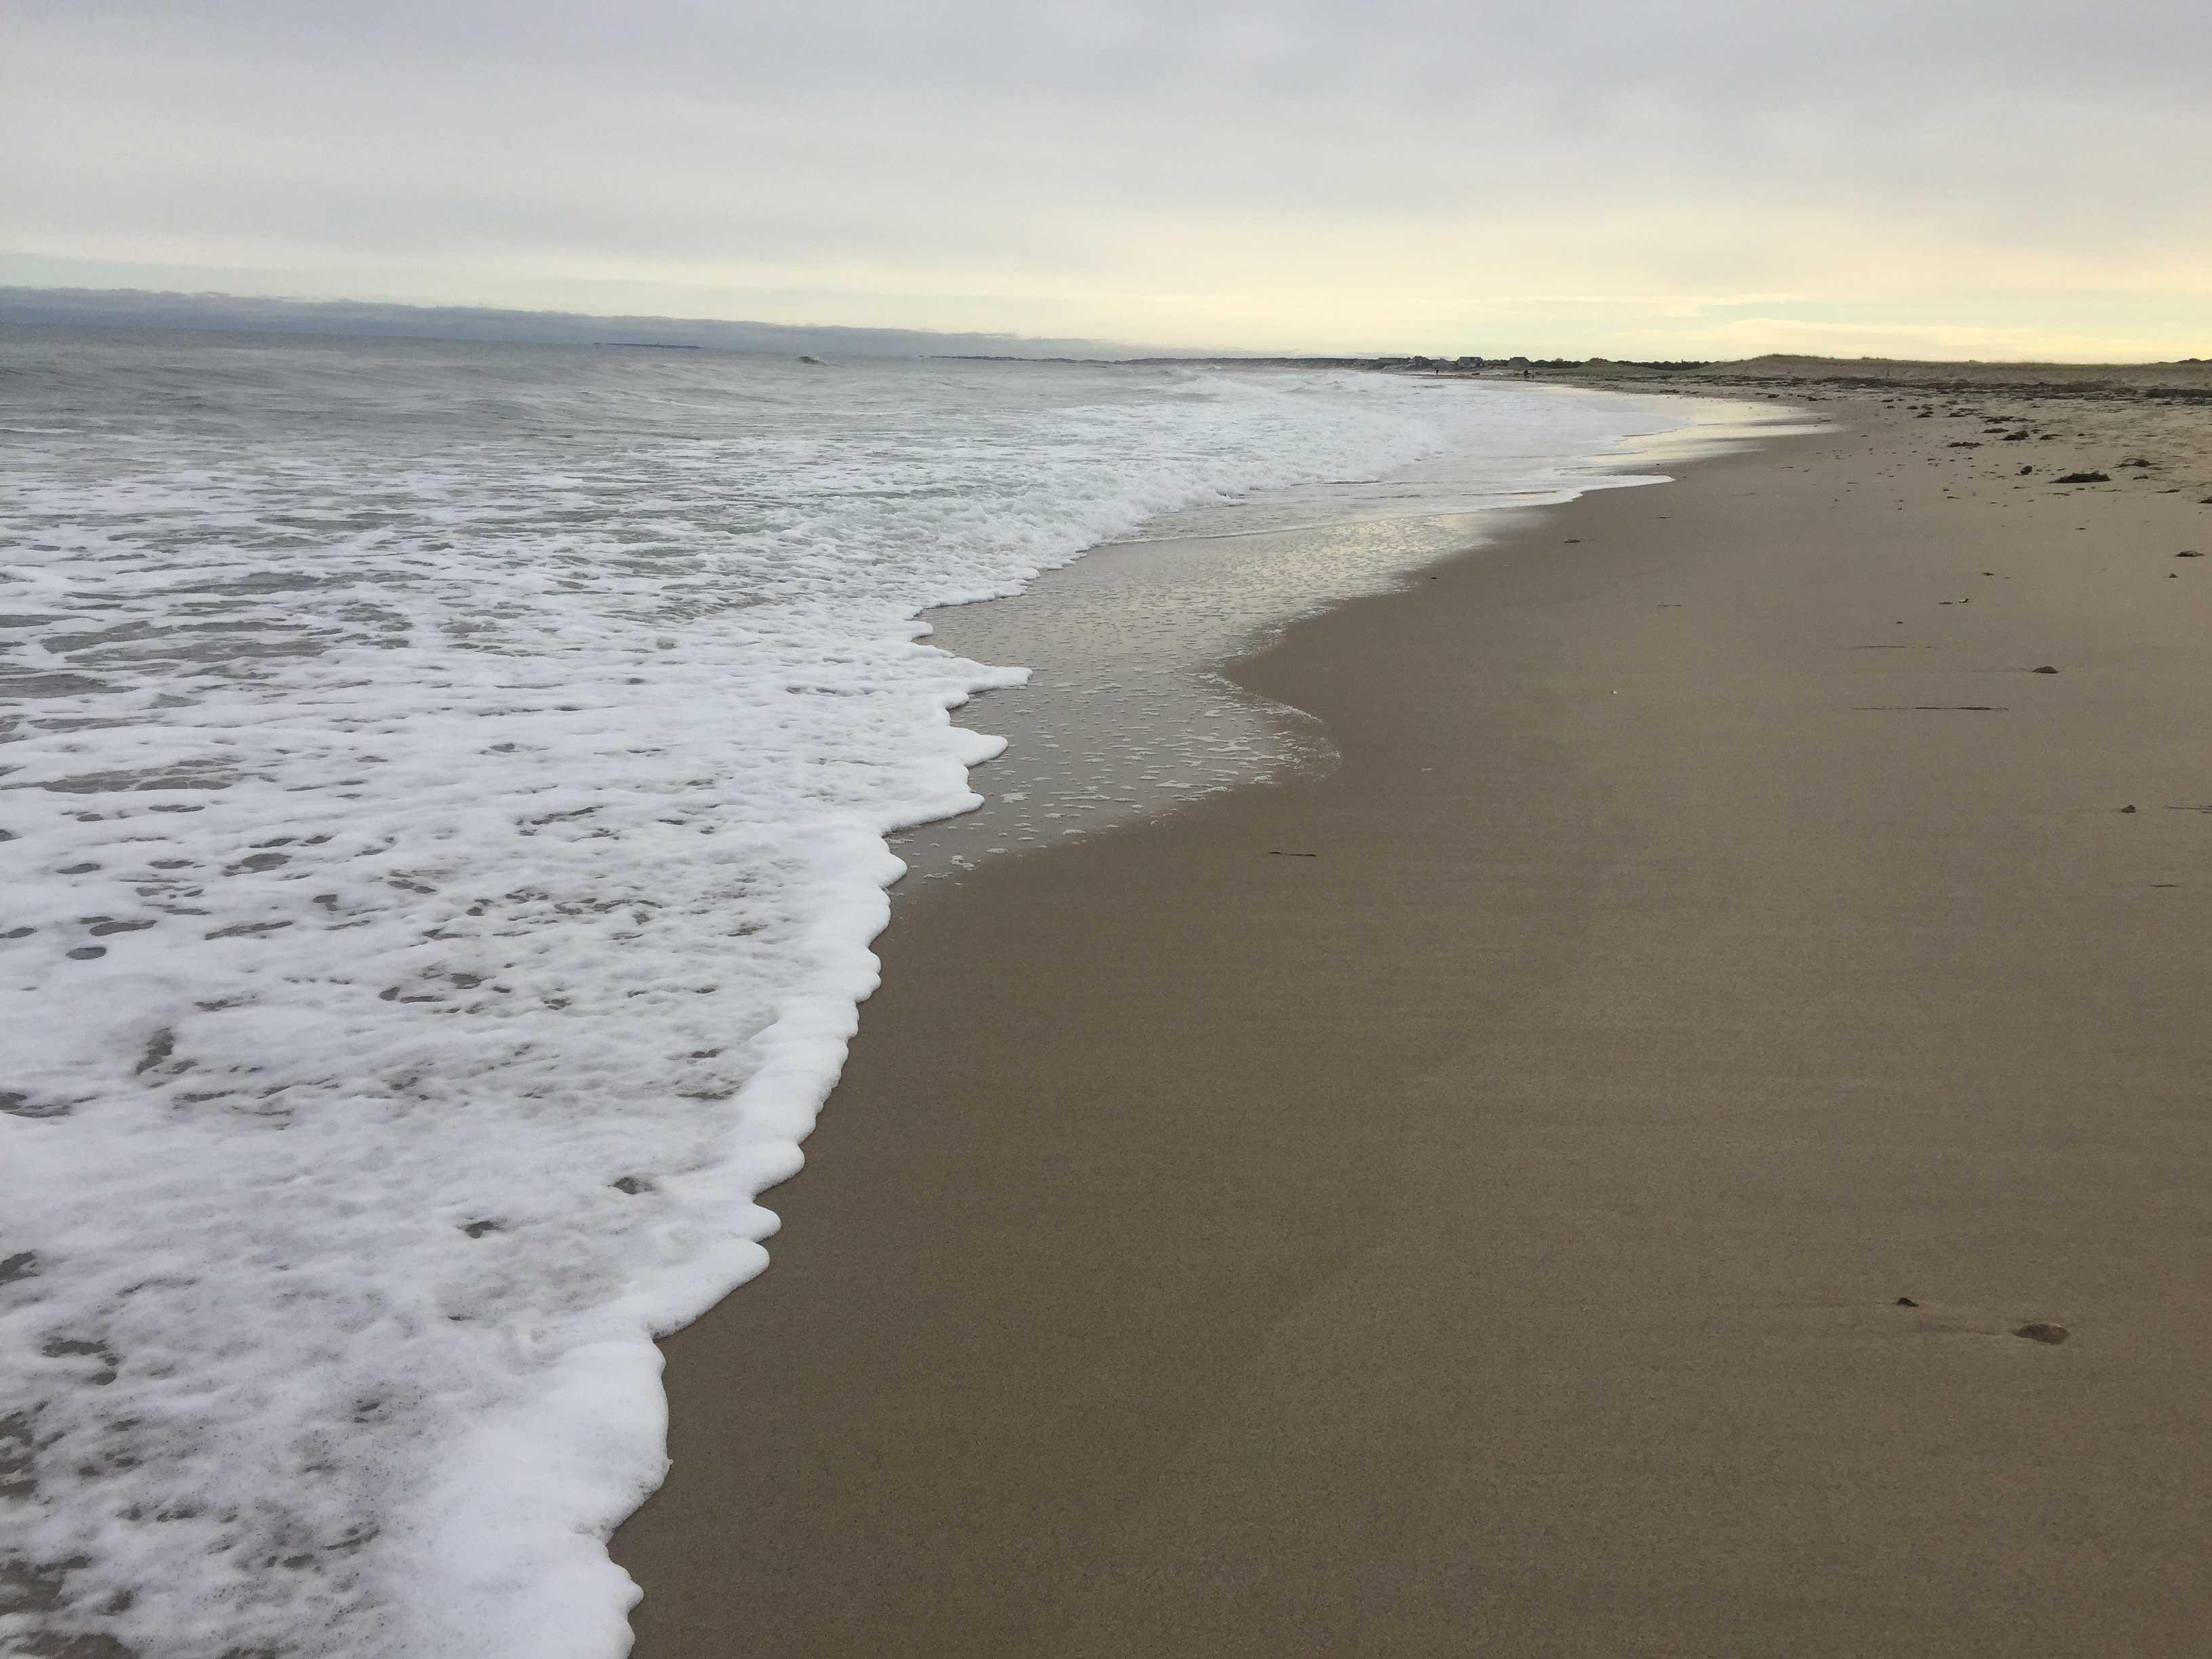 Walks to the ocean